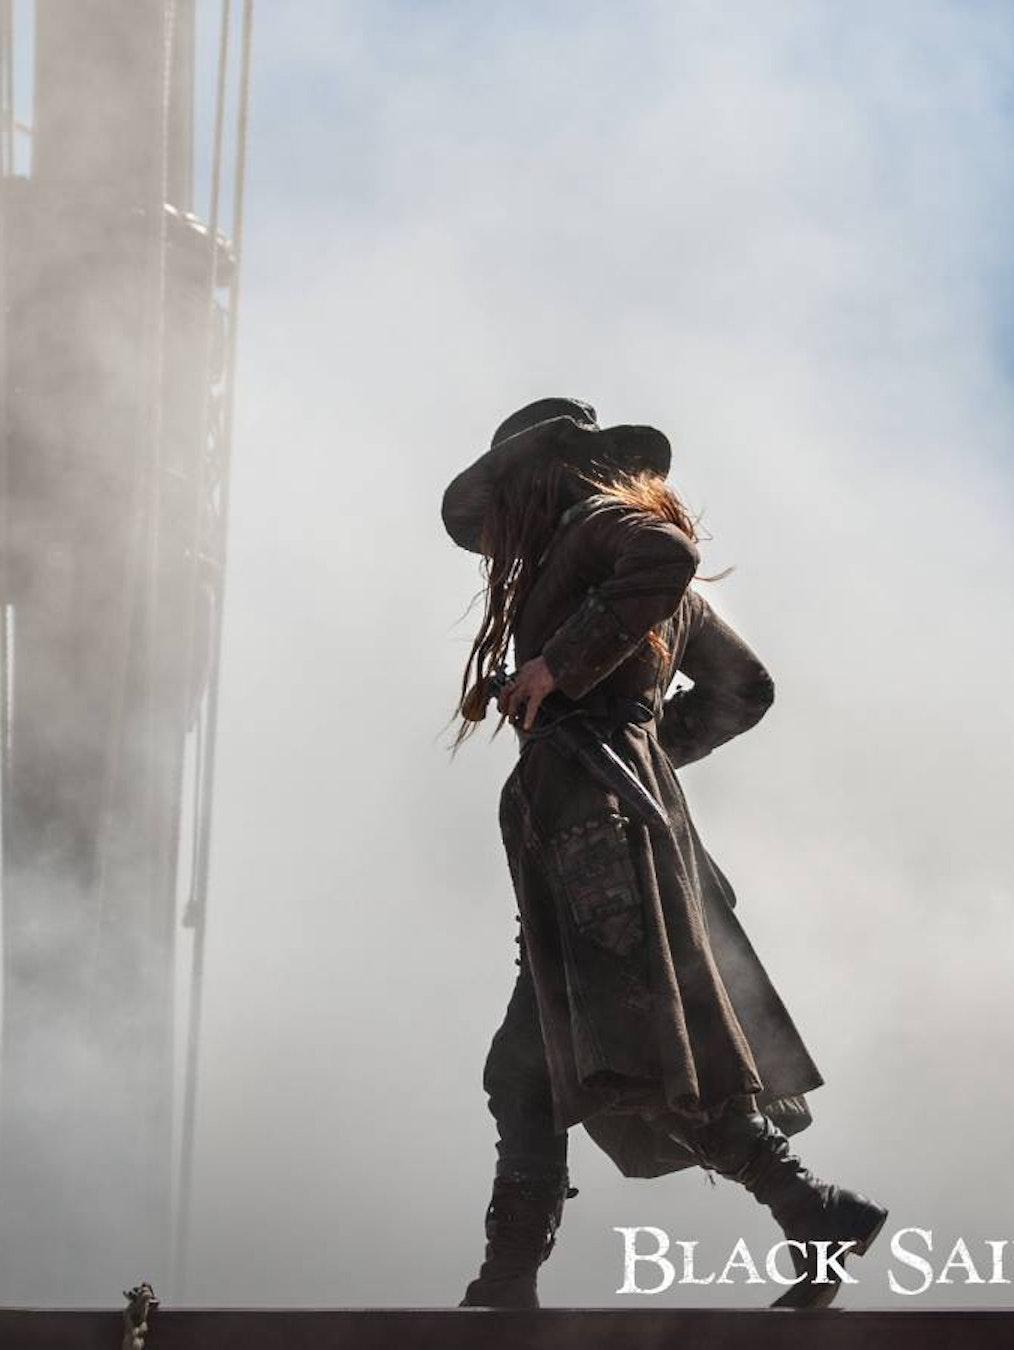 Amnne Bonny gets lethal in 'Black Sails' Season 4